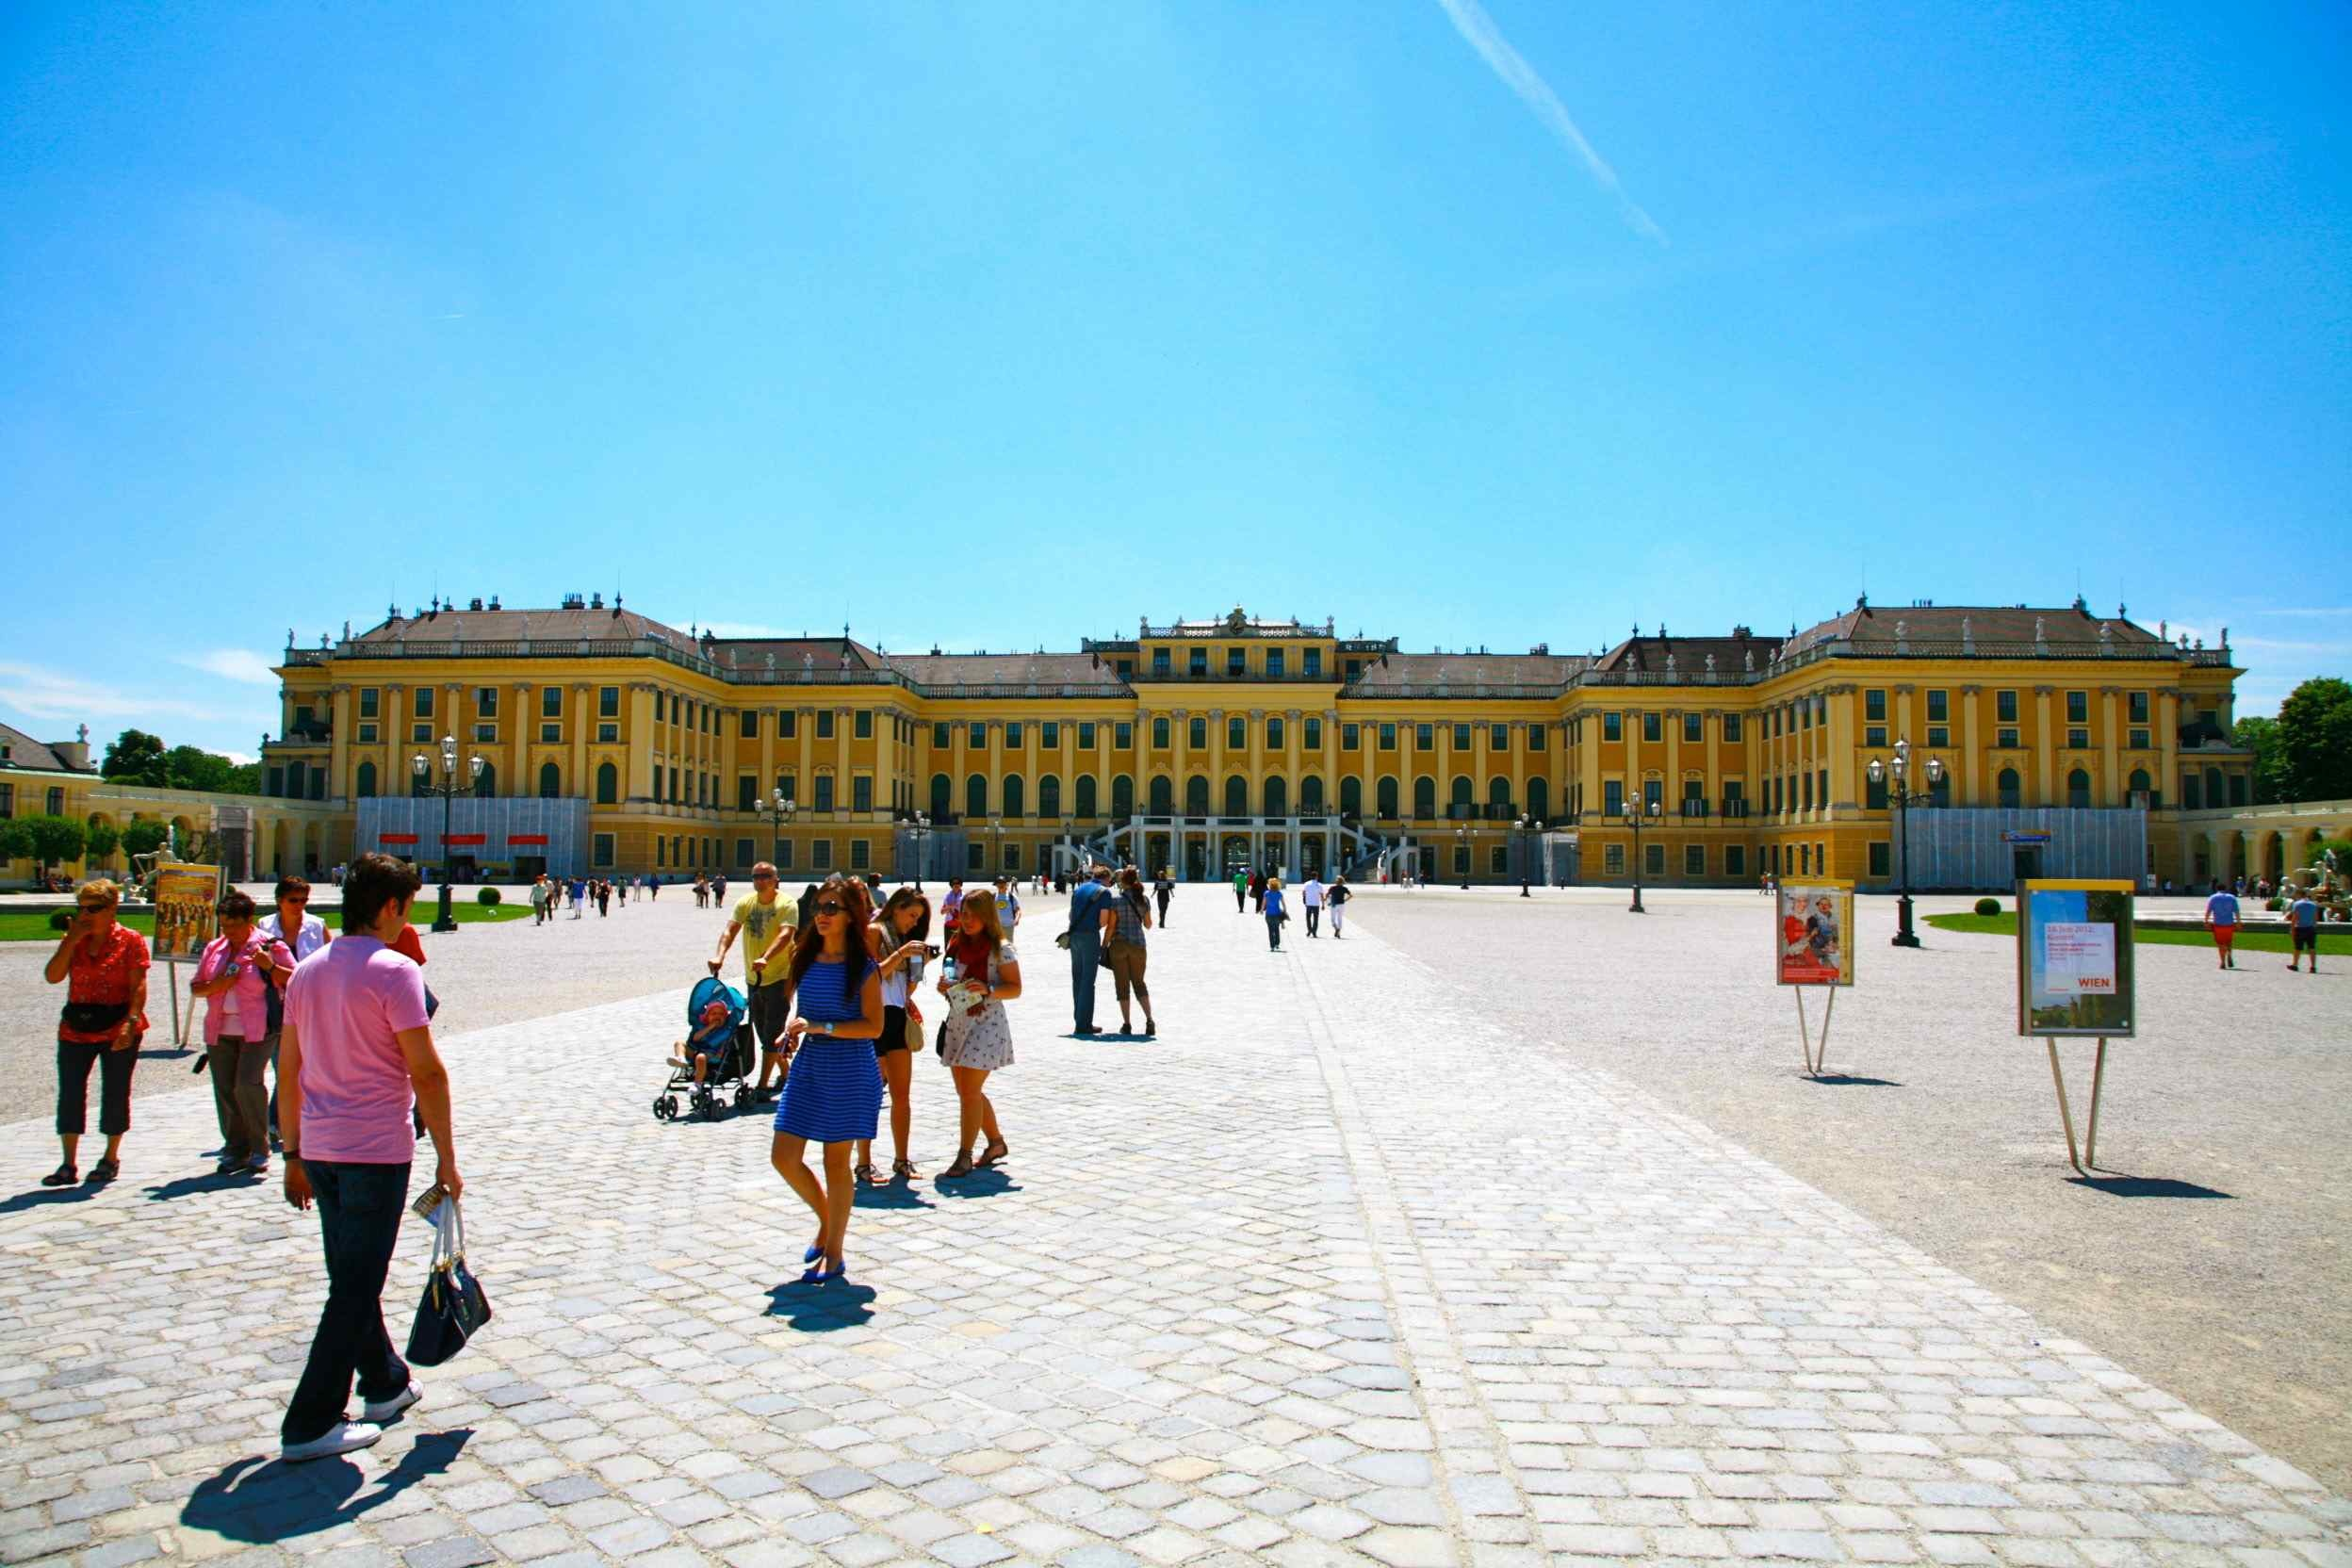 シェーンブルン宮殿の画像 p1_39